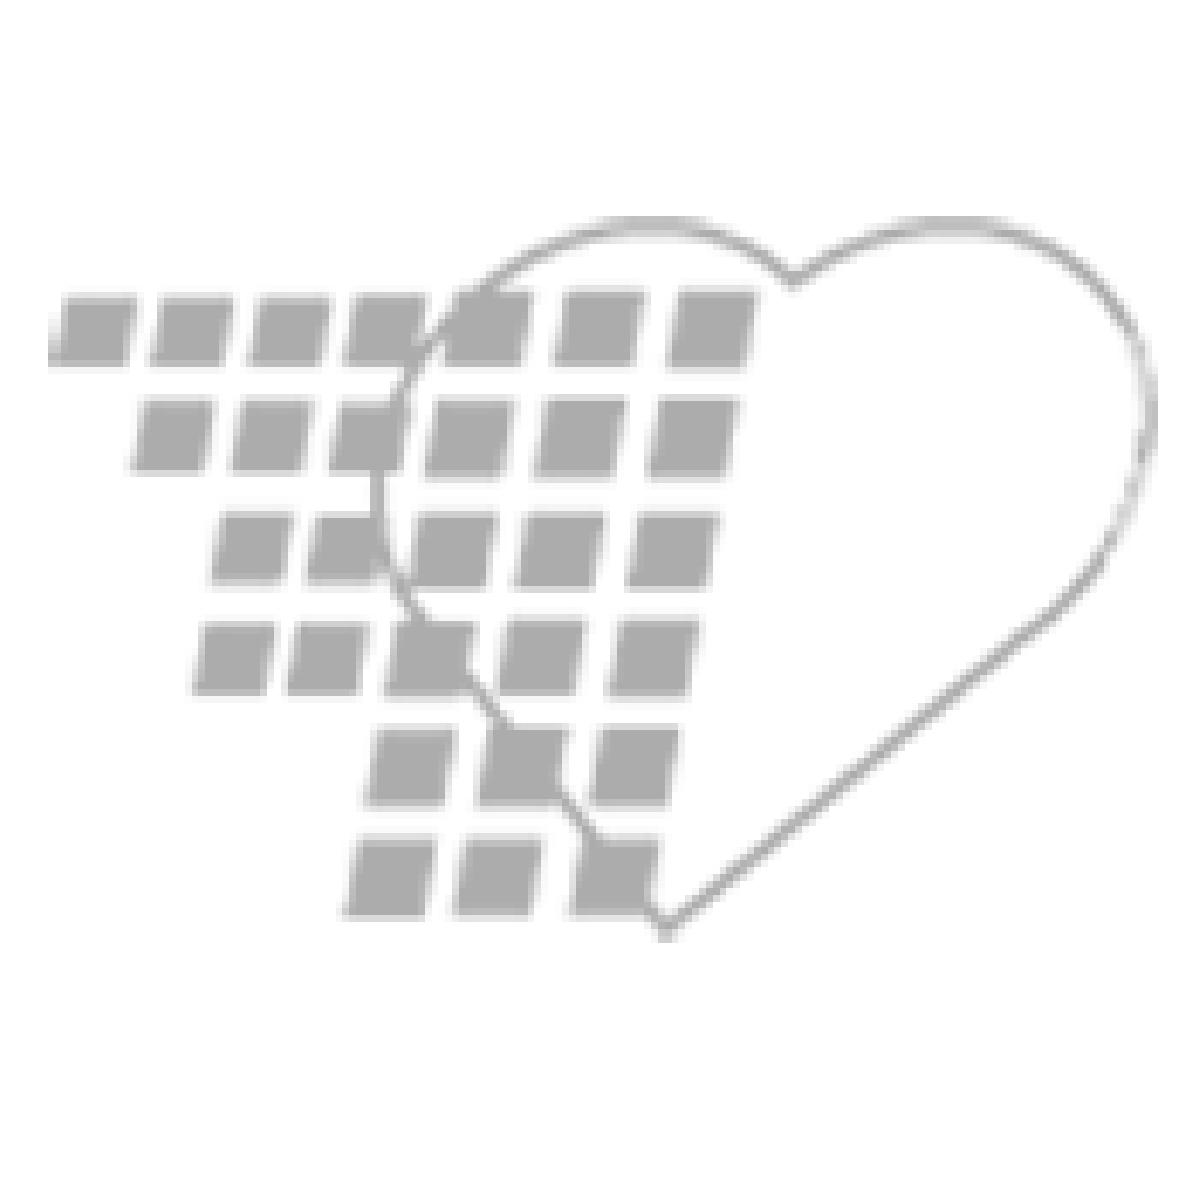 05-87-1128 Nasco Foley Catheter 16 Fr 5mL